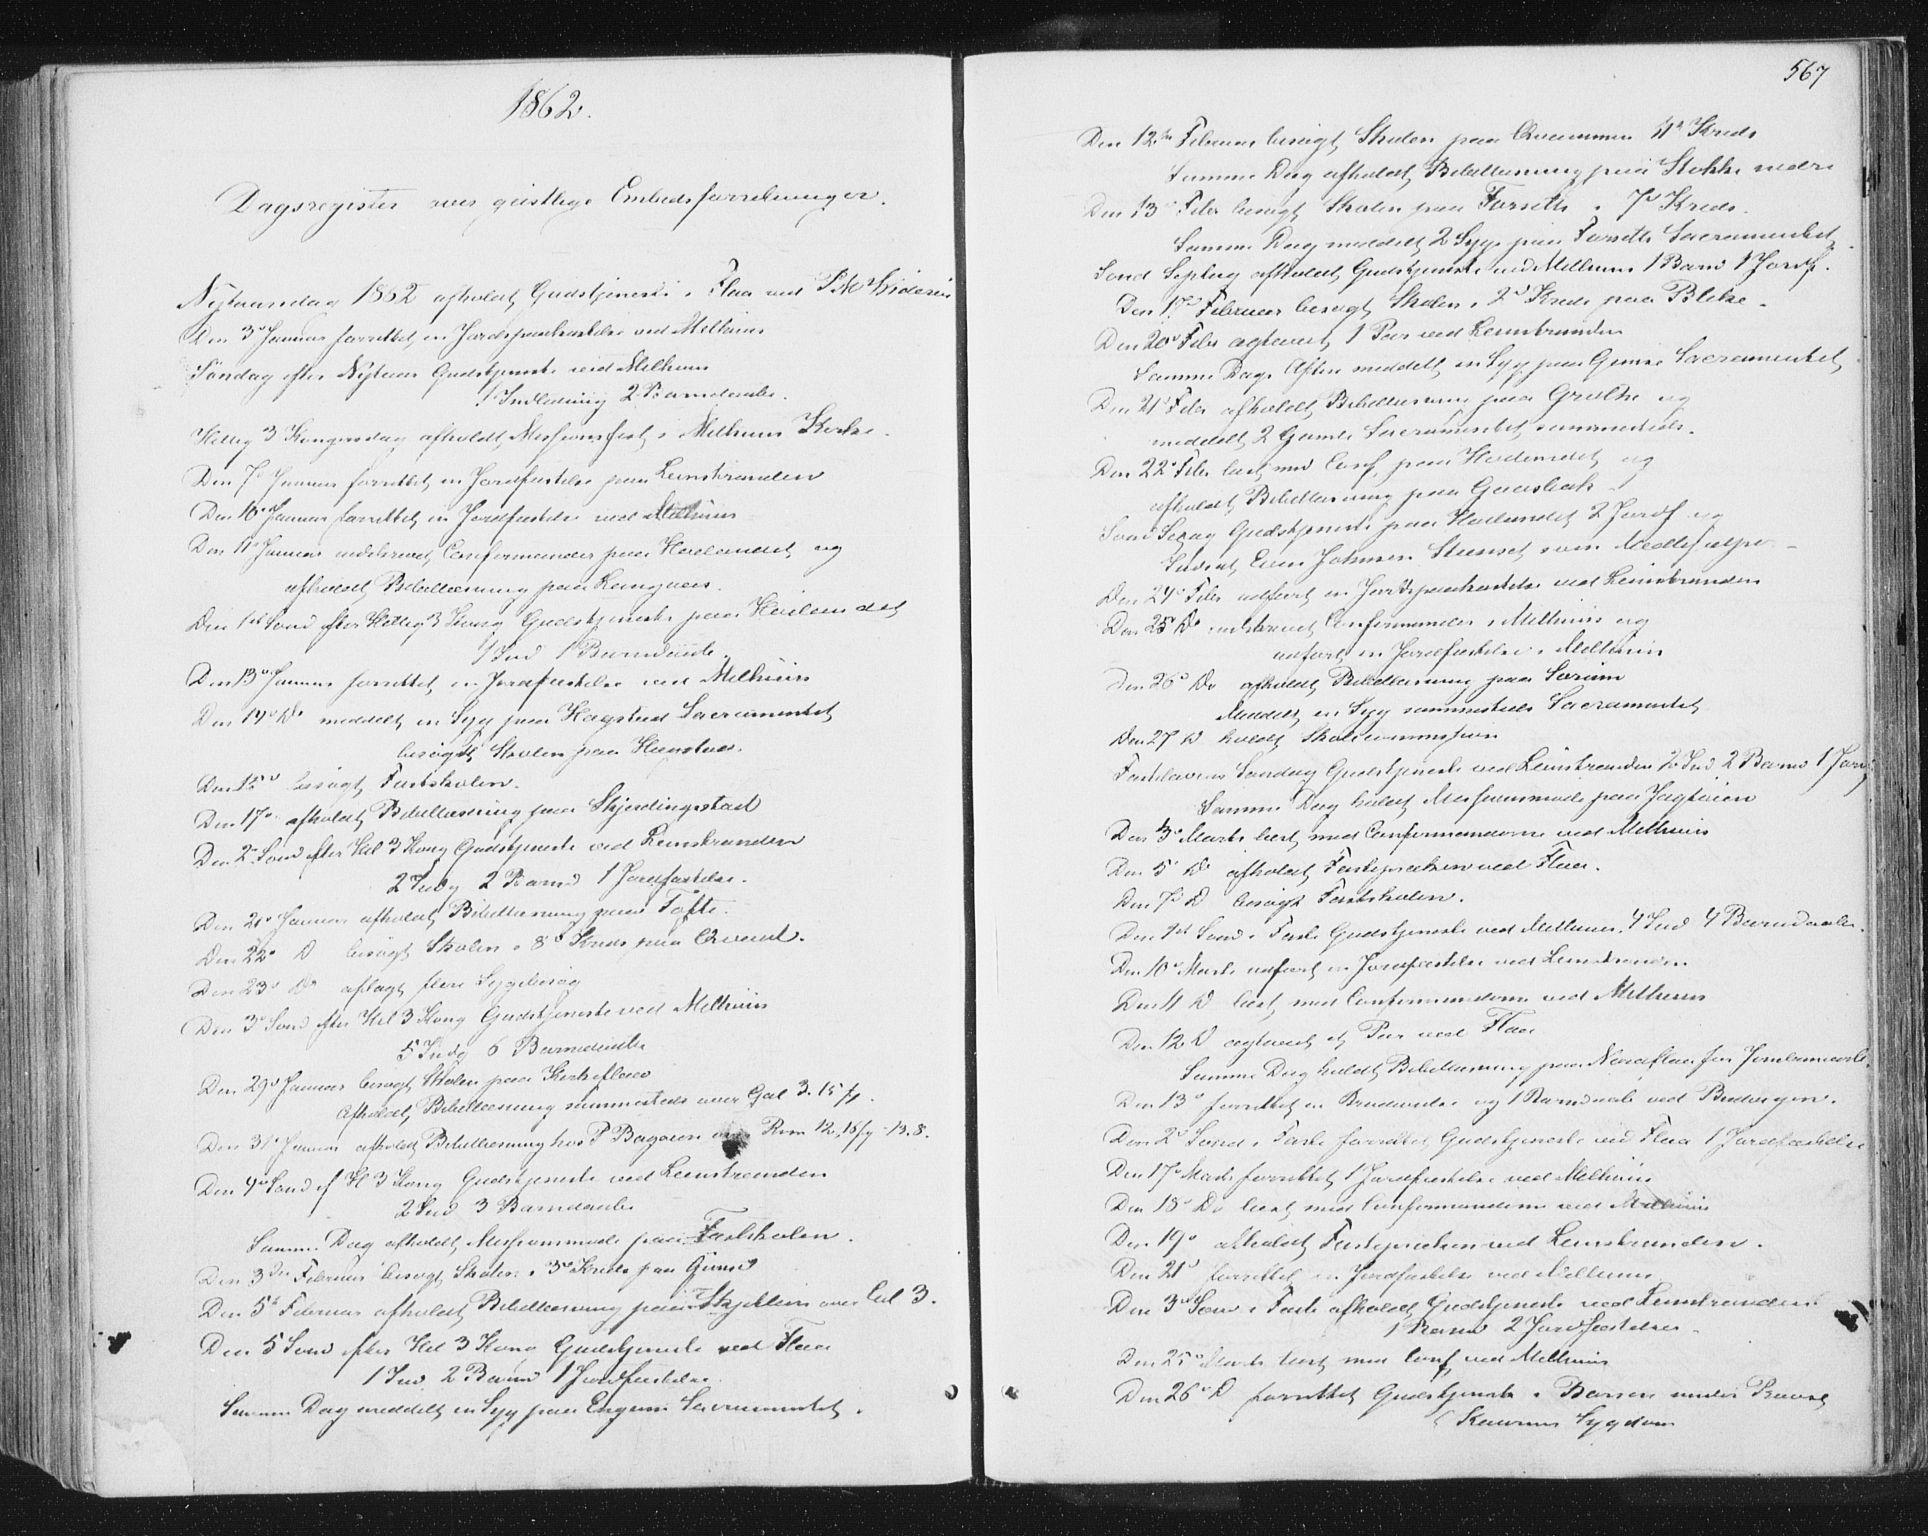 SAT, Ministerialprotokoller, klokkerbøker og fødselsregistre - Sør-Trøndelag, 691/L1077: Ministerialbok nr. 691A09, 1862-1873, s. 567